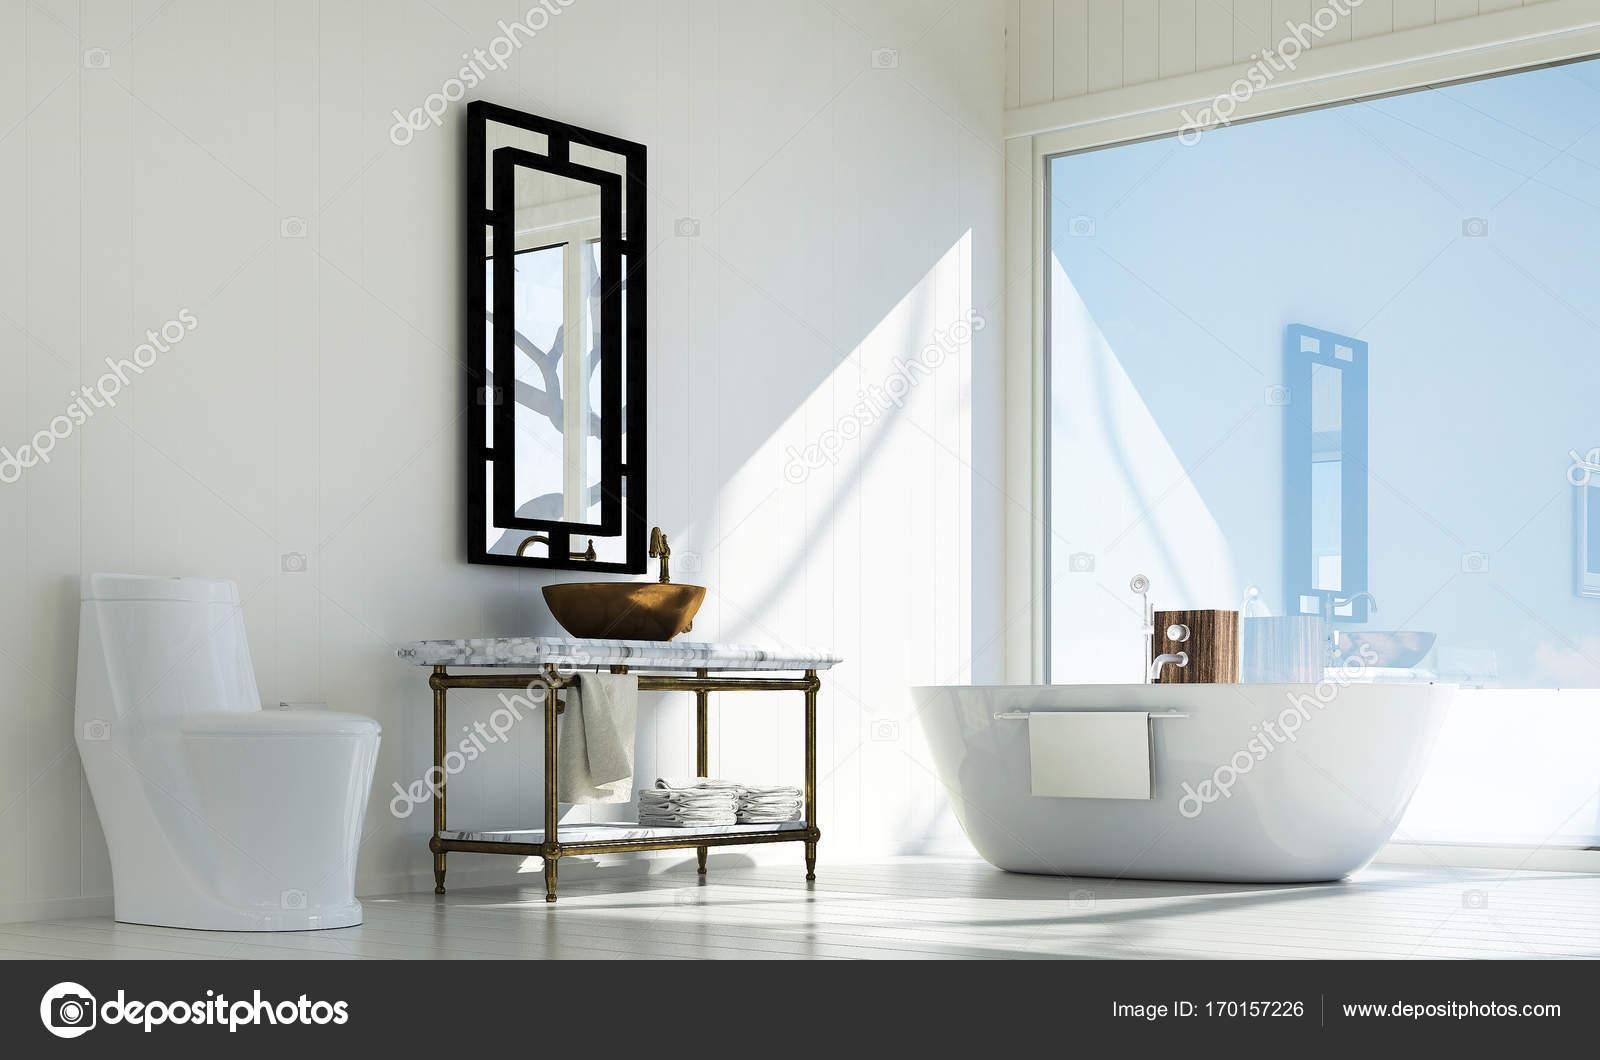 De moderne badkamer interieur en beton muur textuur achtergrond en